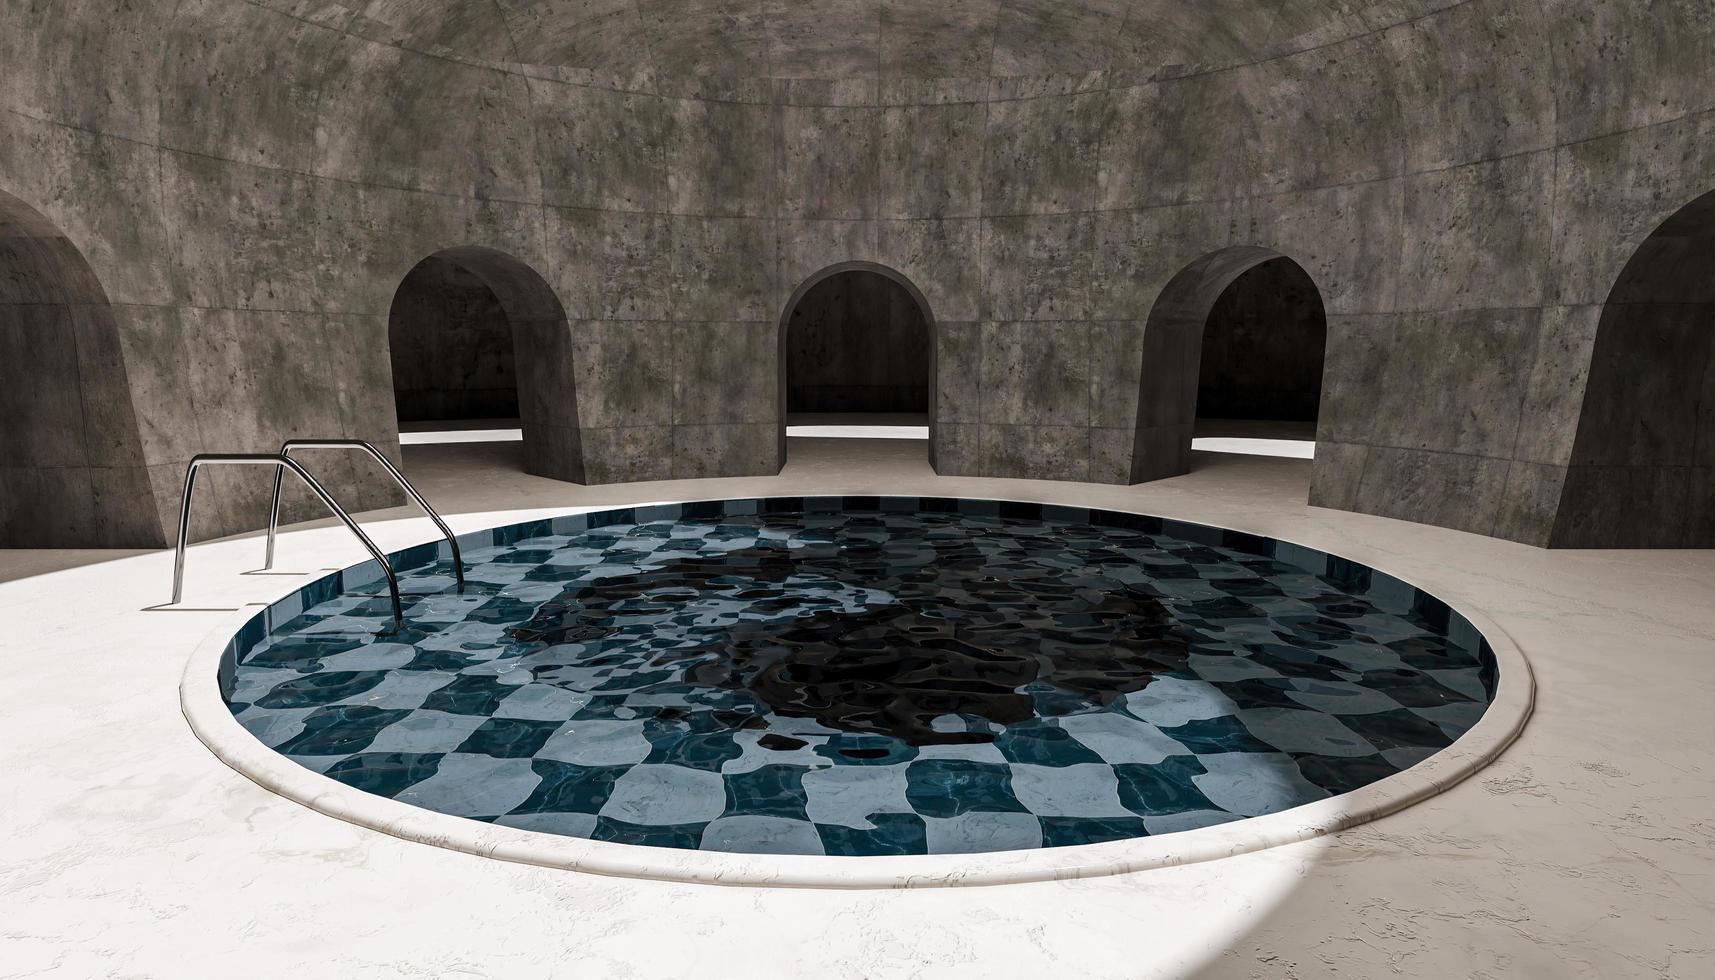 piscina redonda en una habitación vacía foto